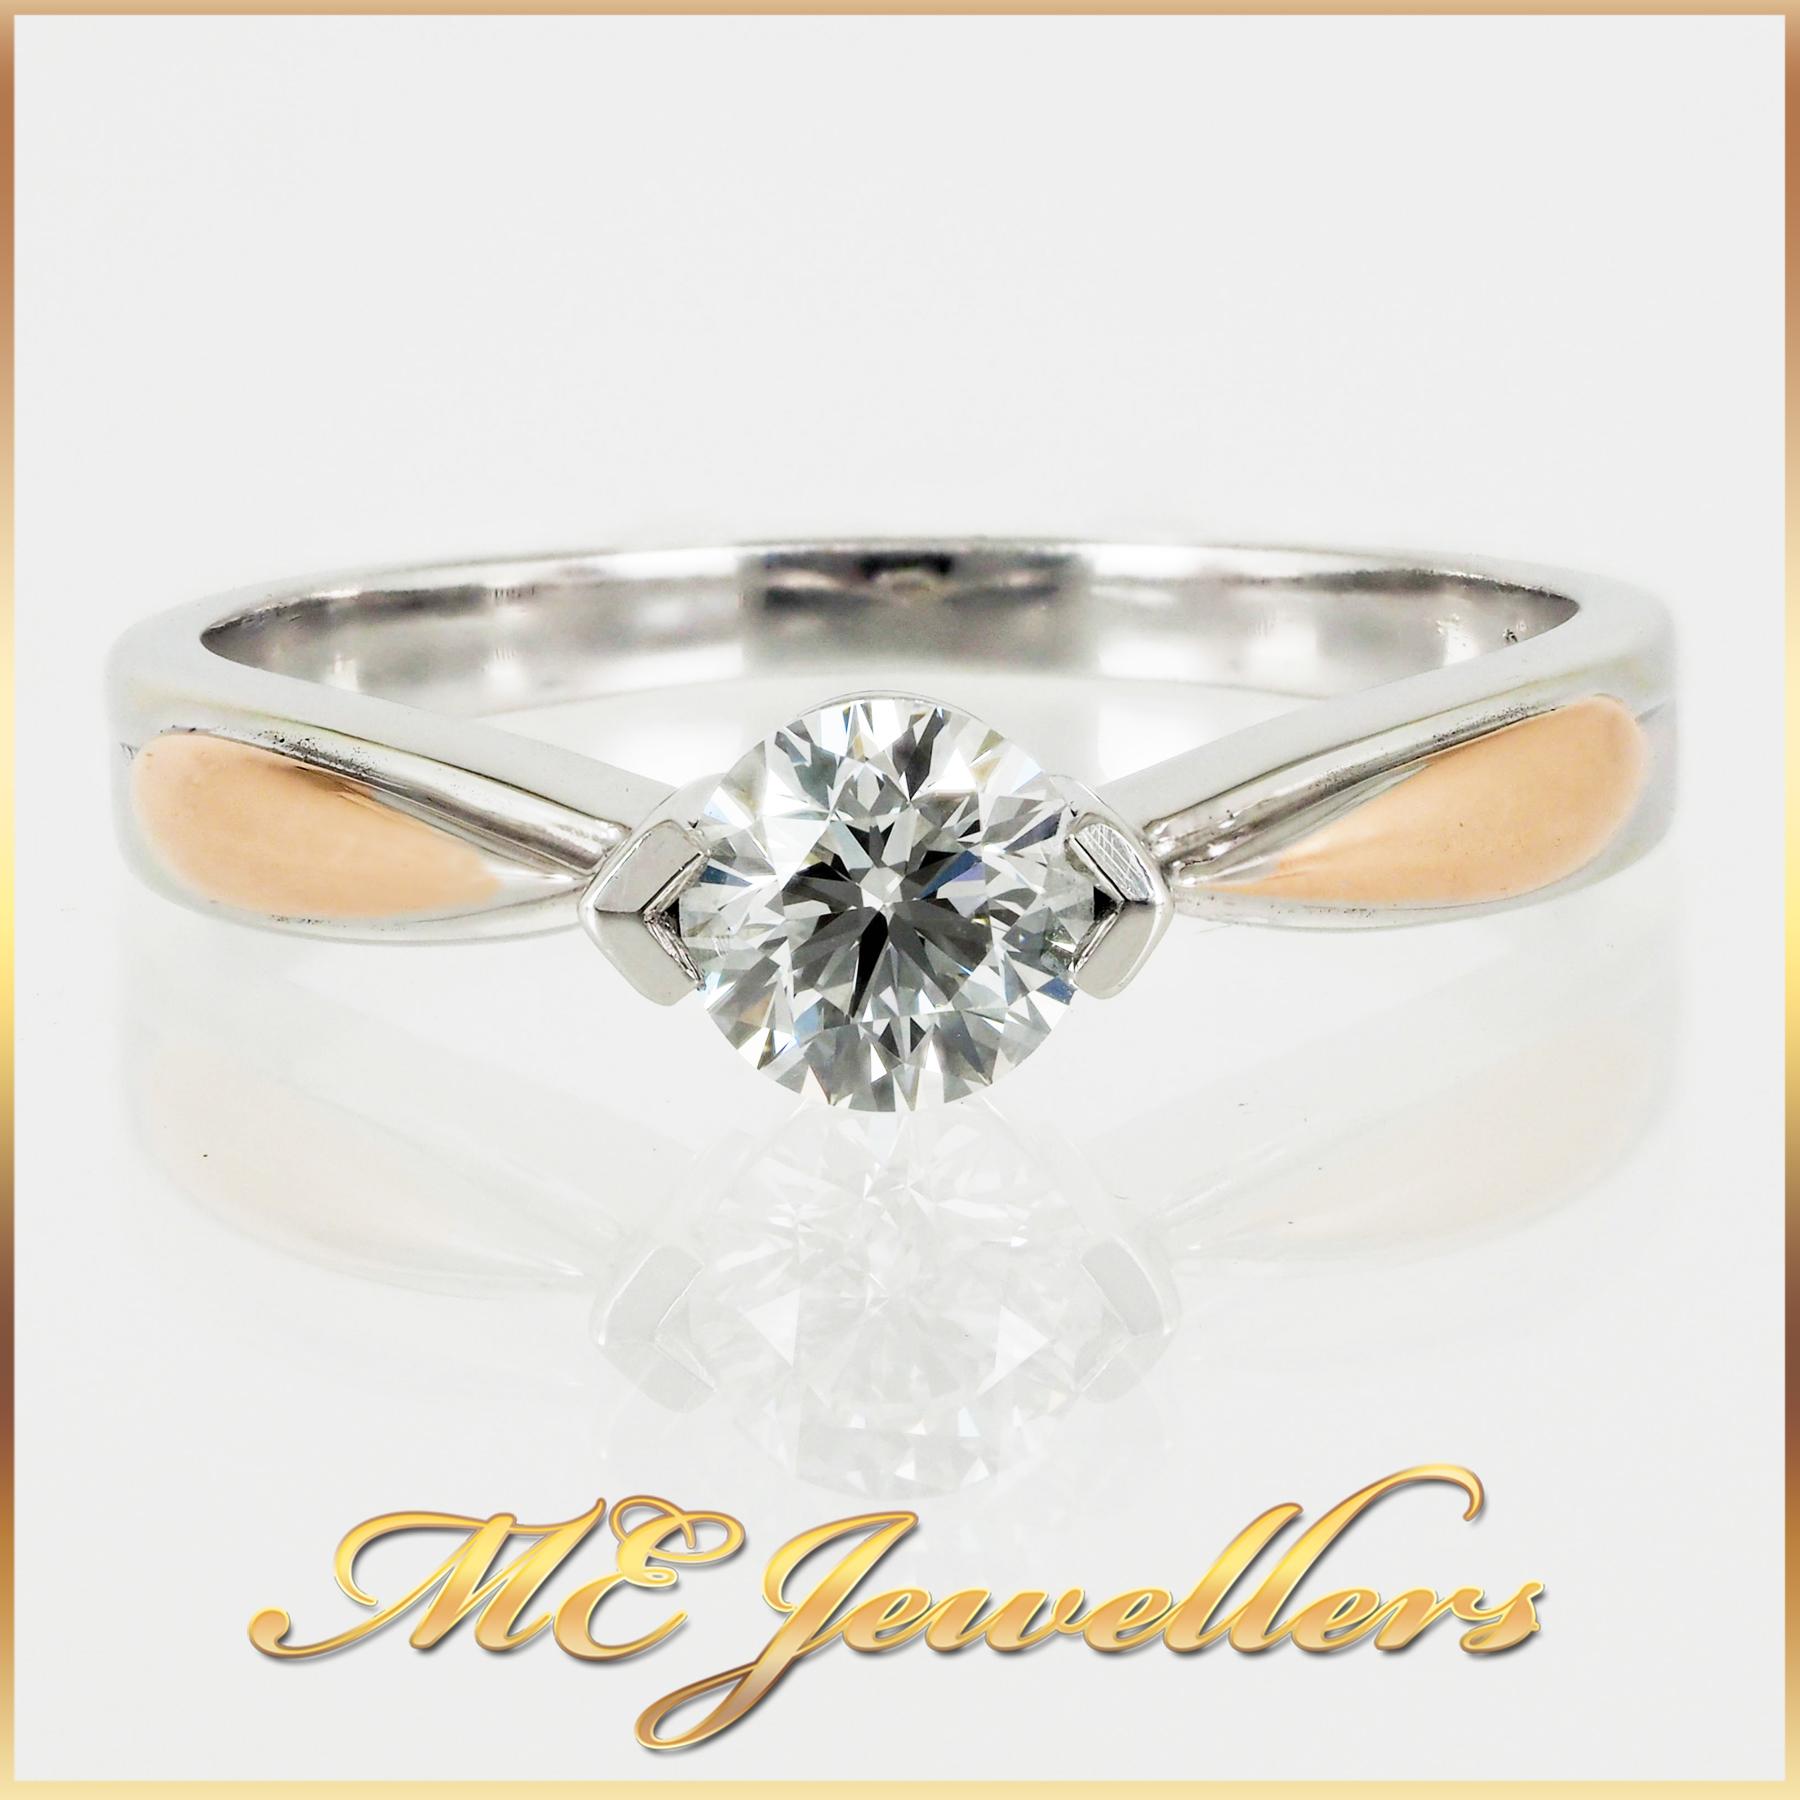 Half Carat Solitaire Diamond Ring